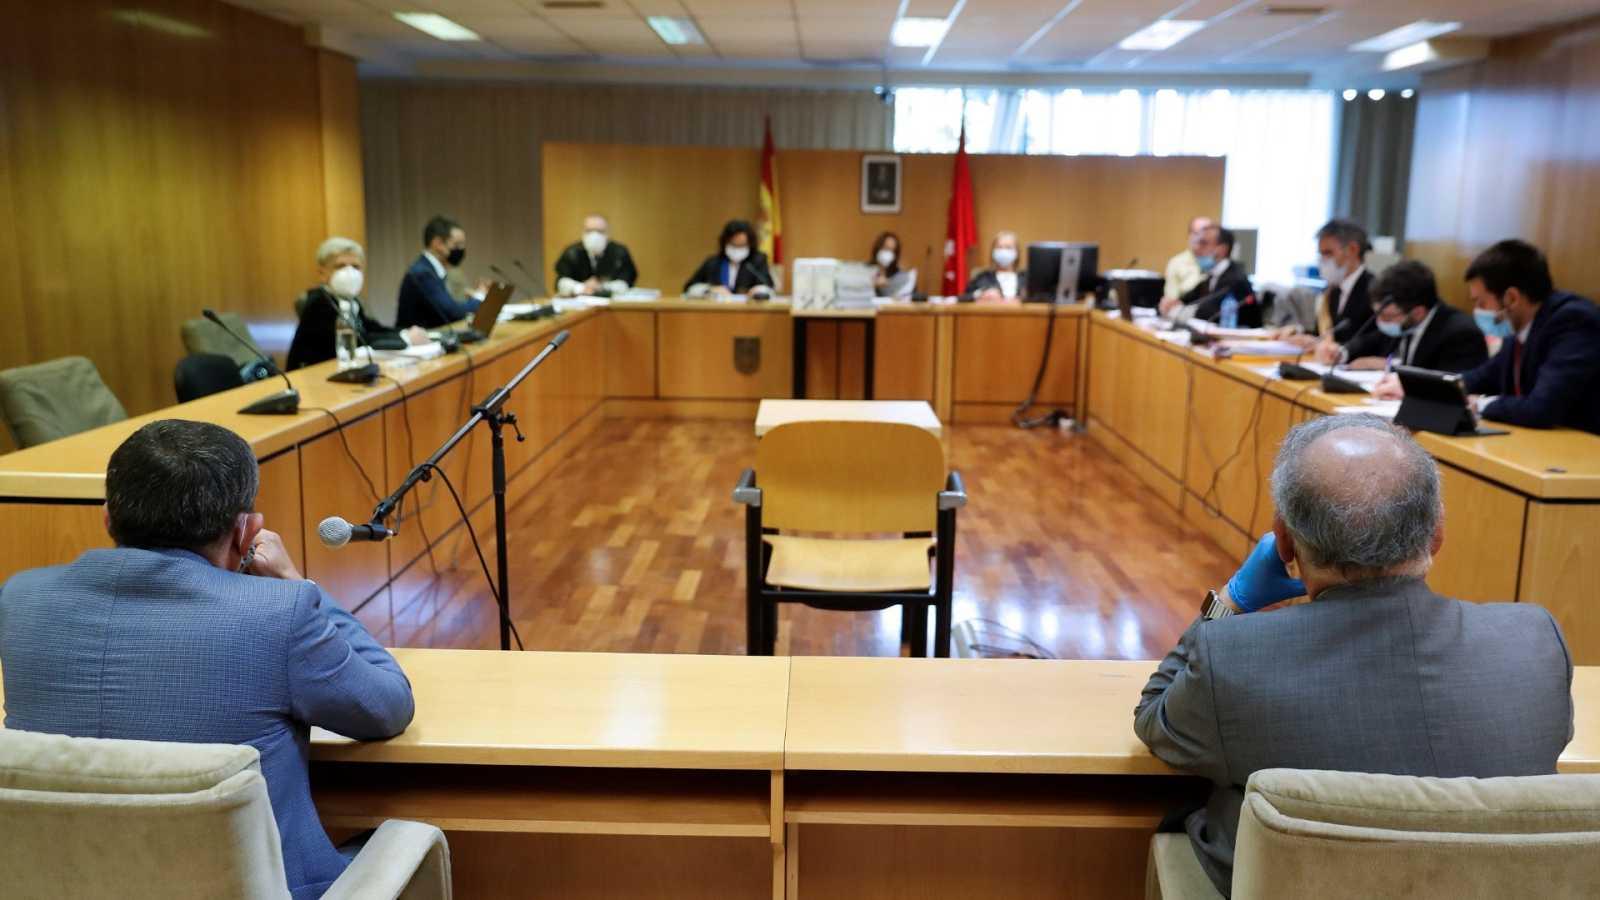 El exdirector adjunto operativo (DAO) de la Policía Eugenio Pino (d) y el inspector jefe Bonifacio Díez Sevillano (i) durante la vista oral del juicio este martes.